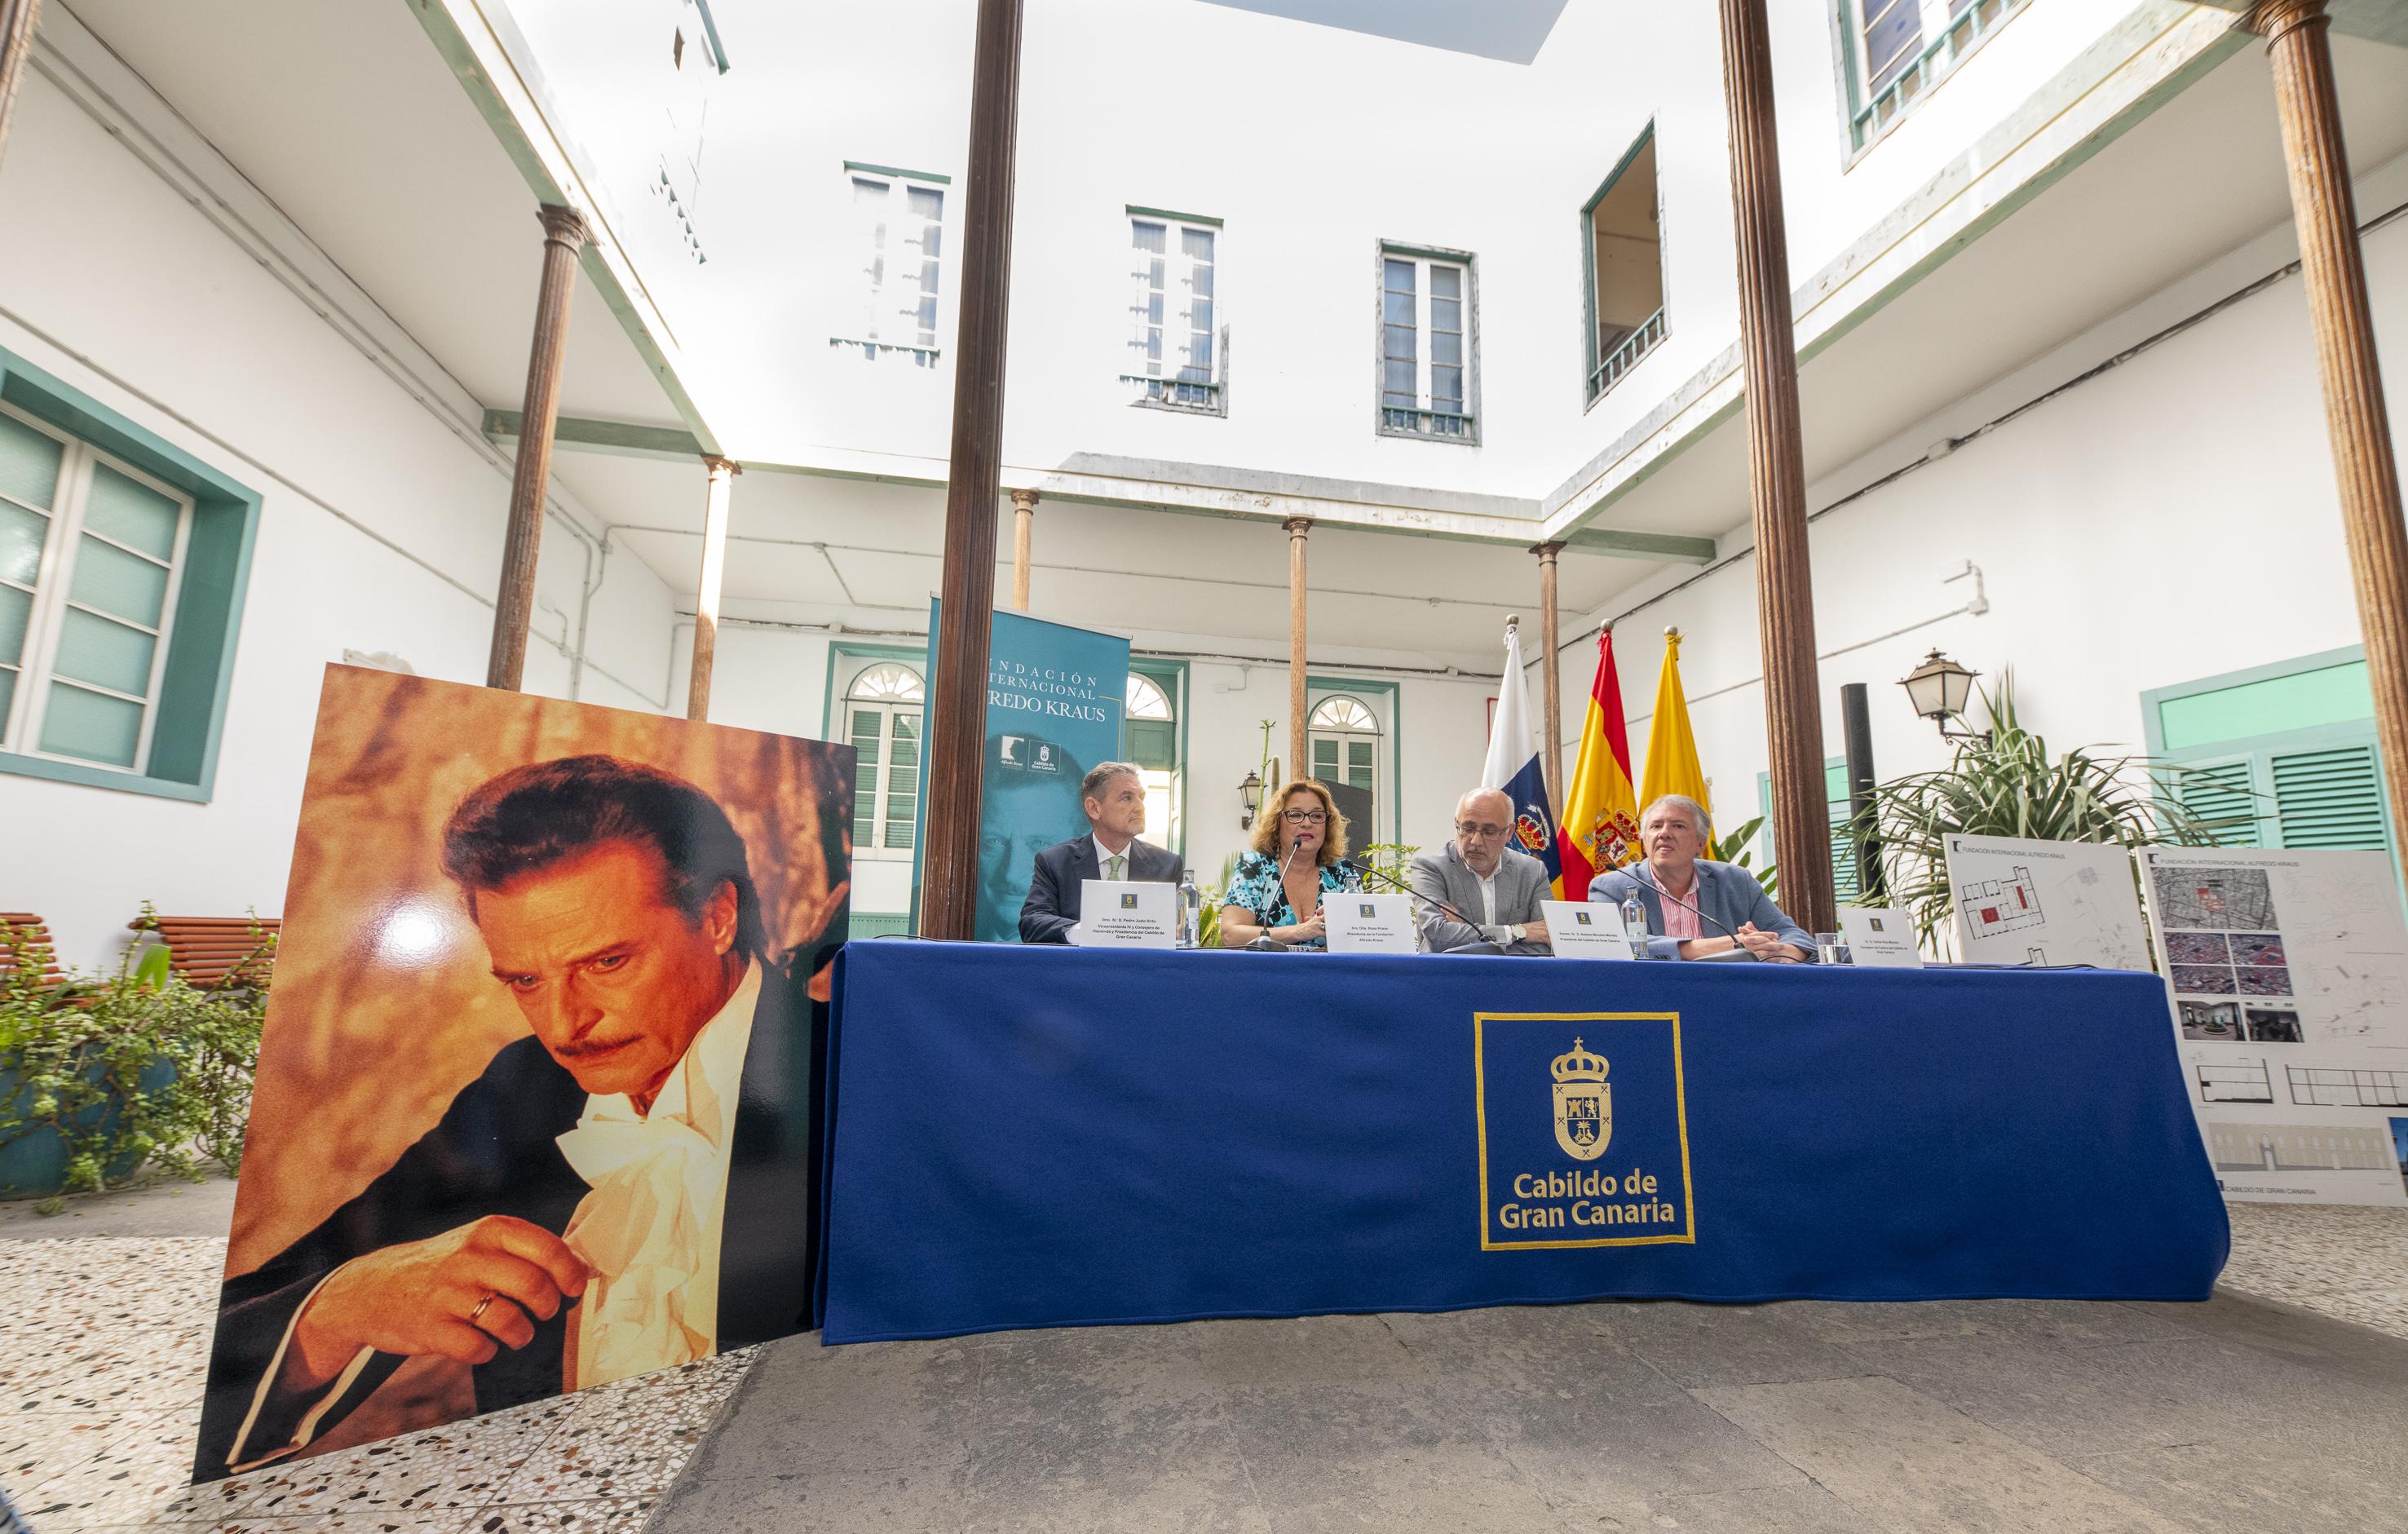 El Cabildo de Gran Canaria destina parte del antiguo internado de San Antonio, en el centro histórico de la capital grancanaria, a sede de la Fundación Internacional Alfredo Kraus